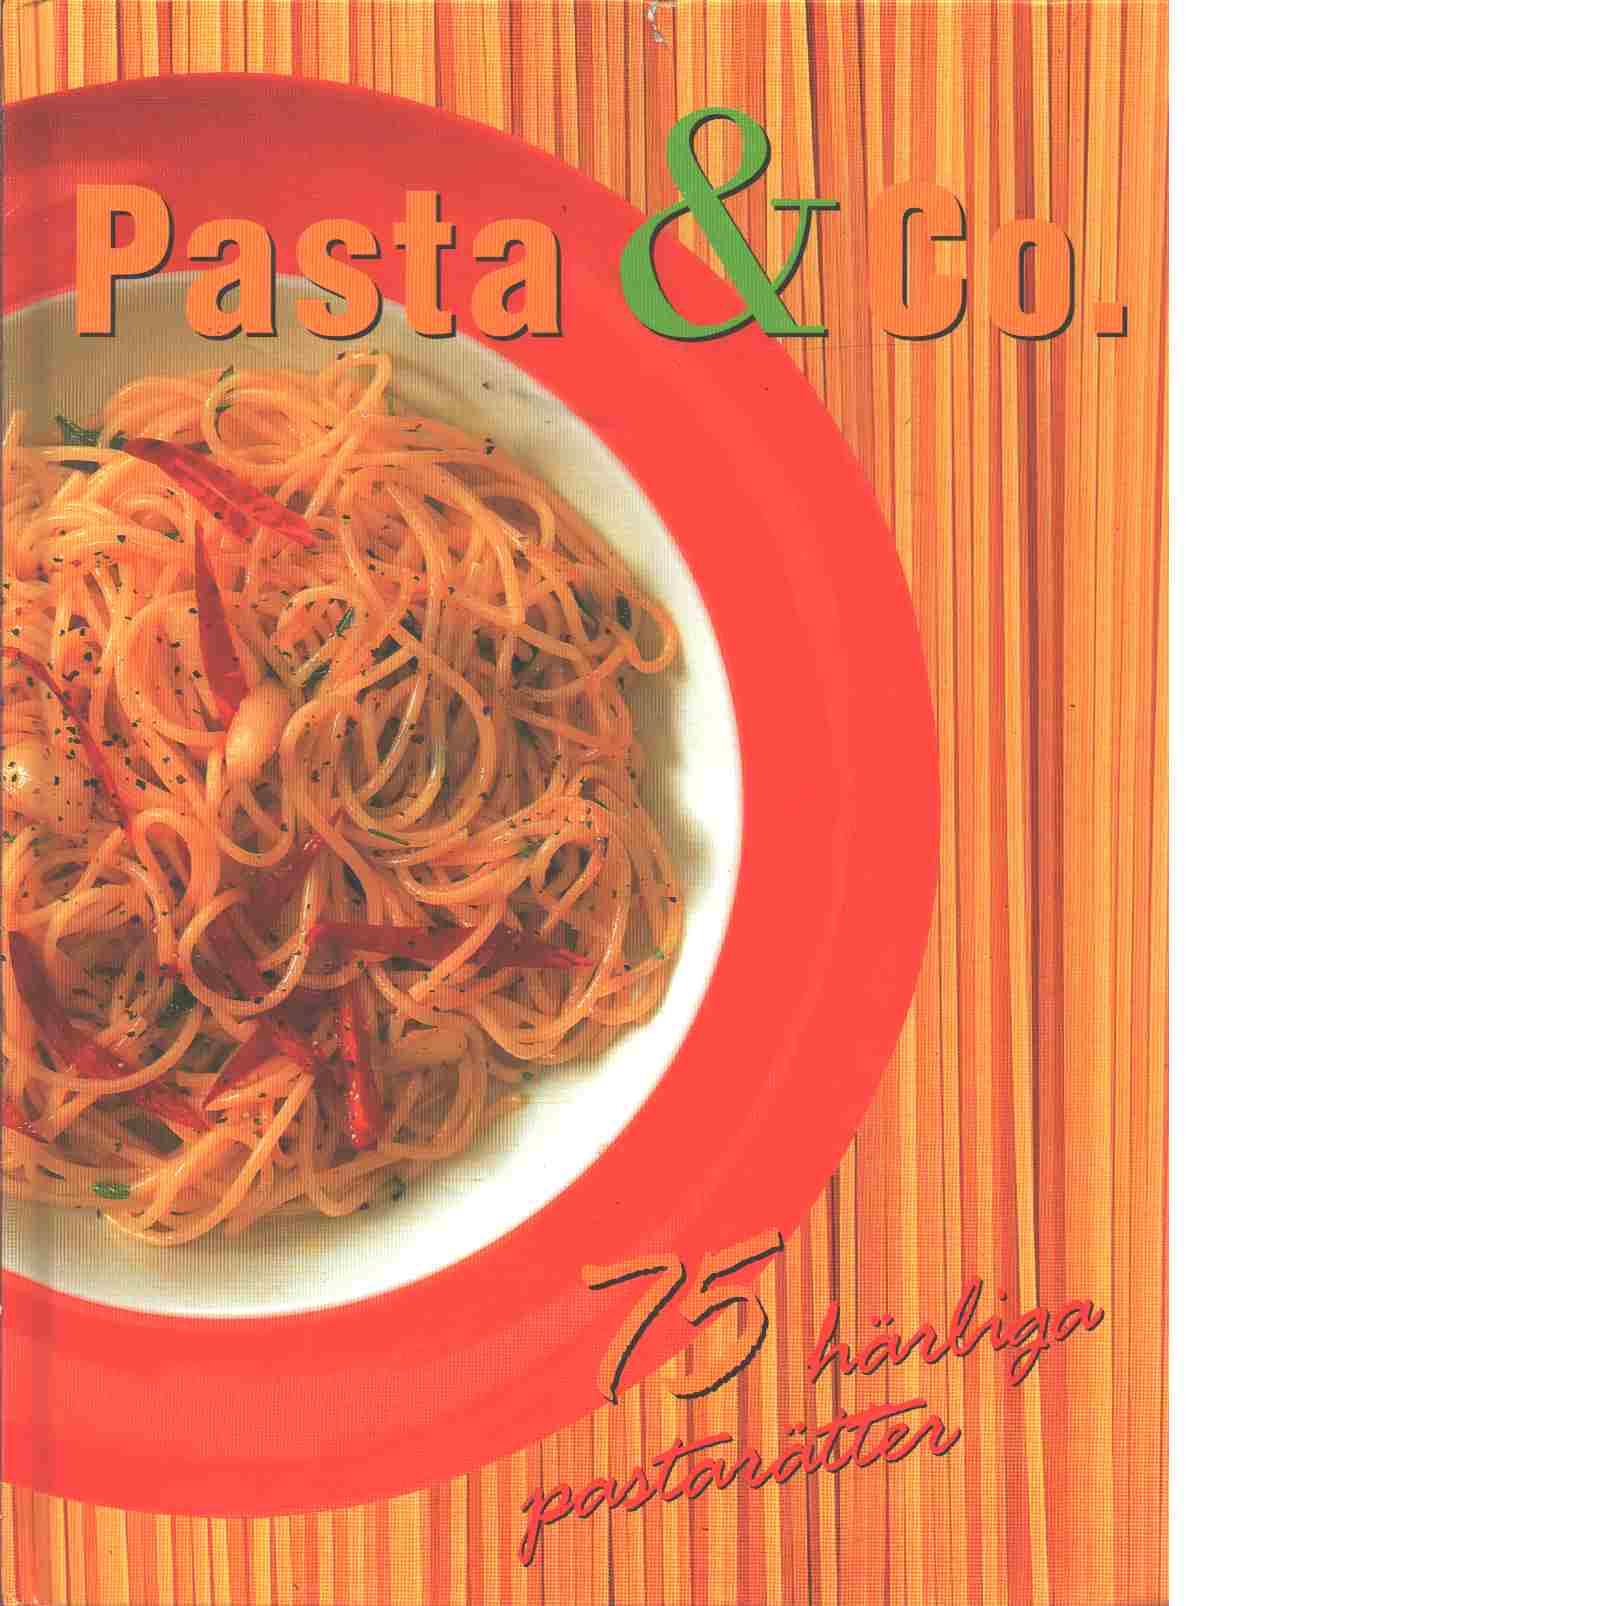 Pasta & Co. - Royen, Marieanne